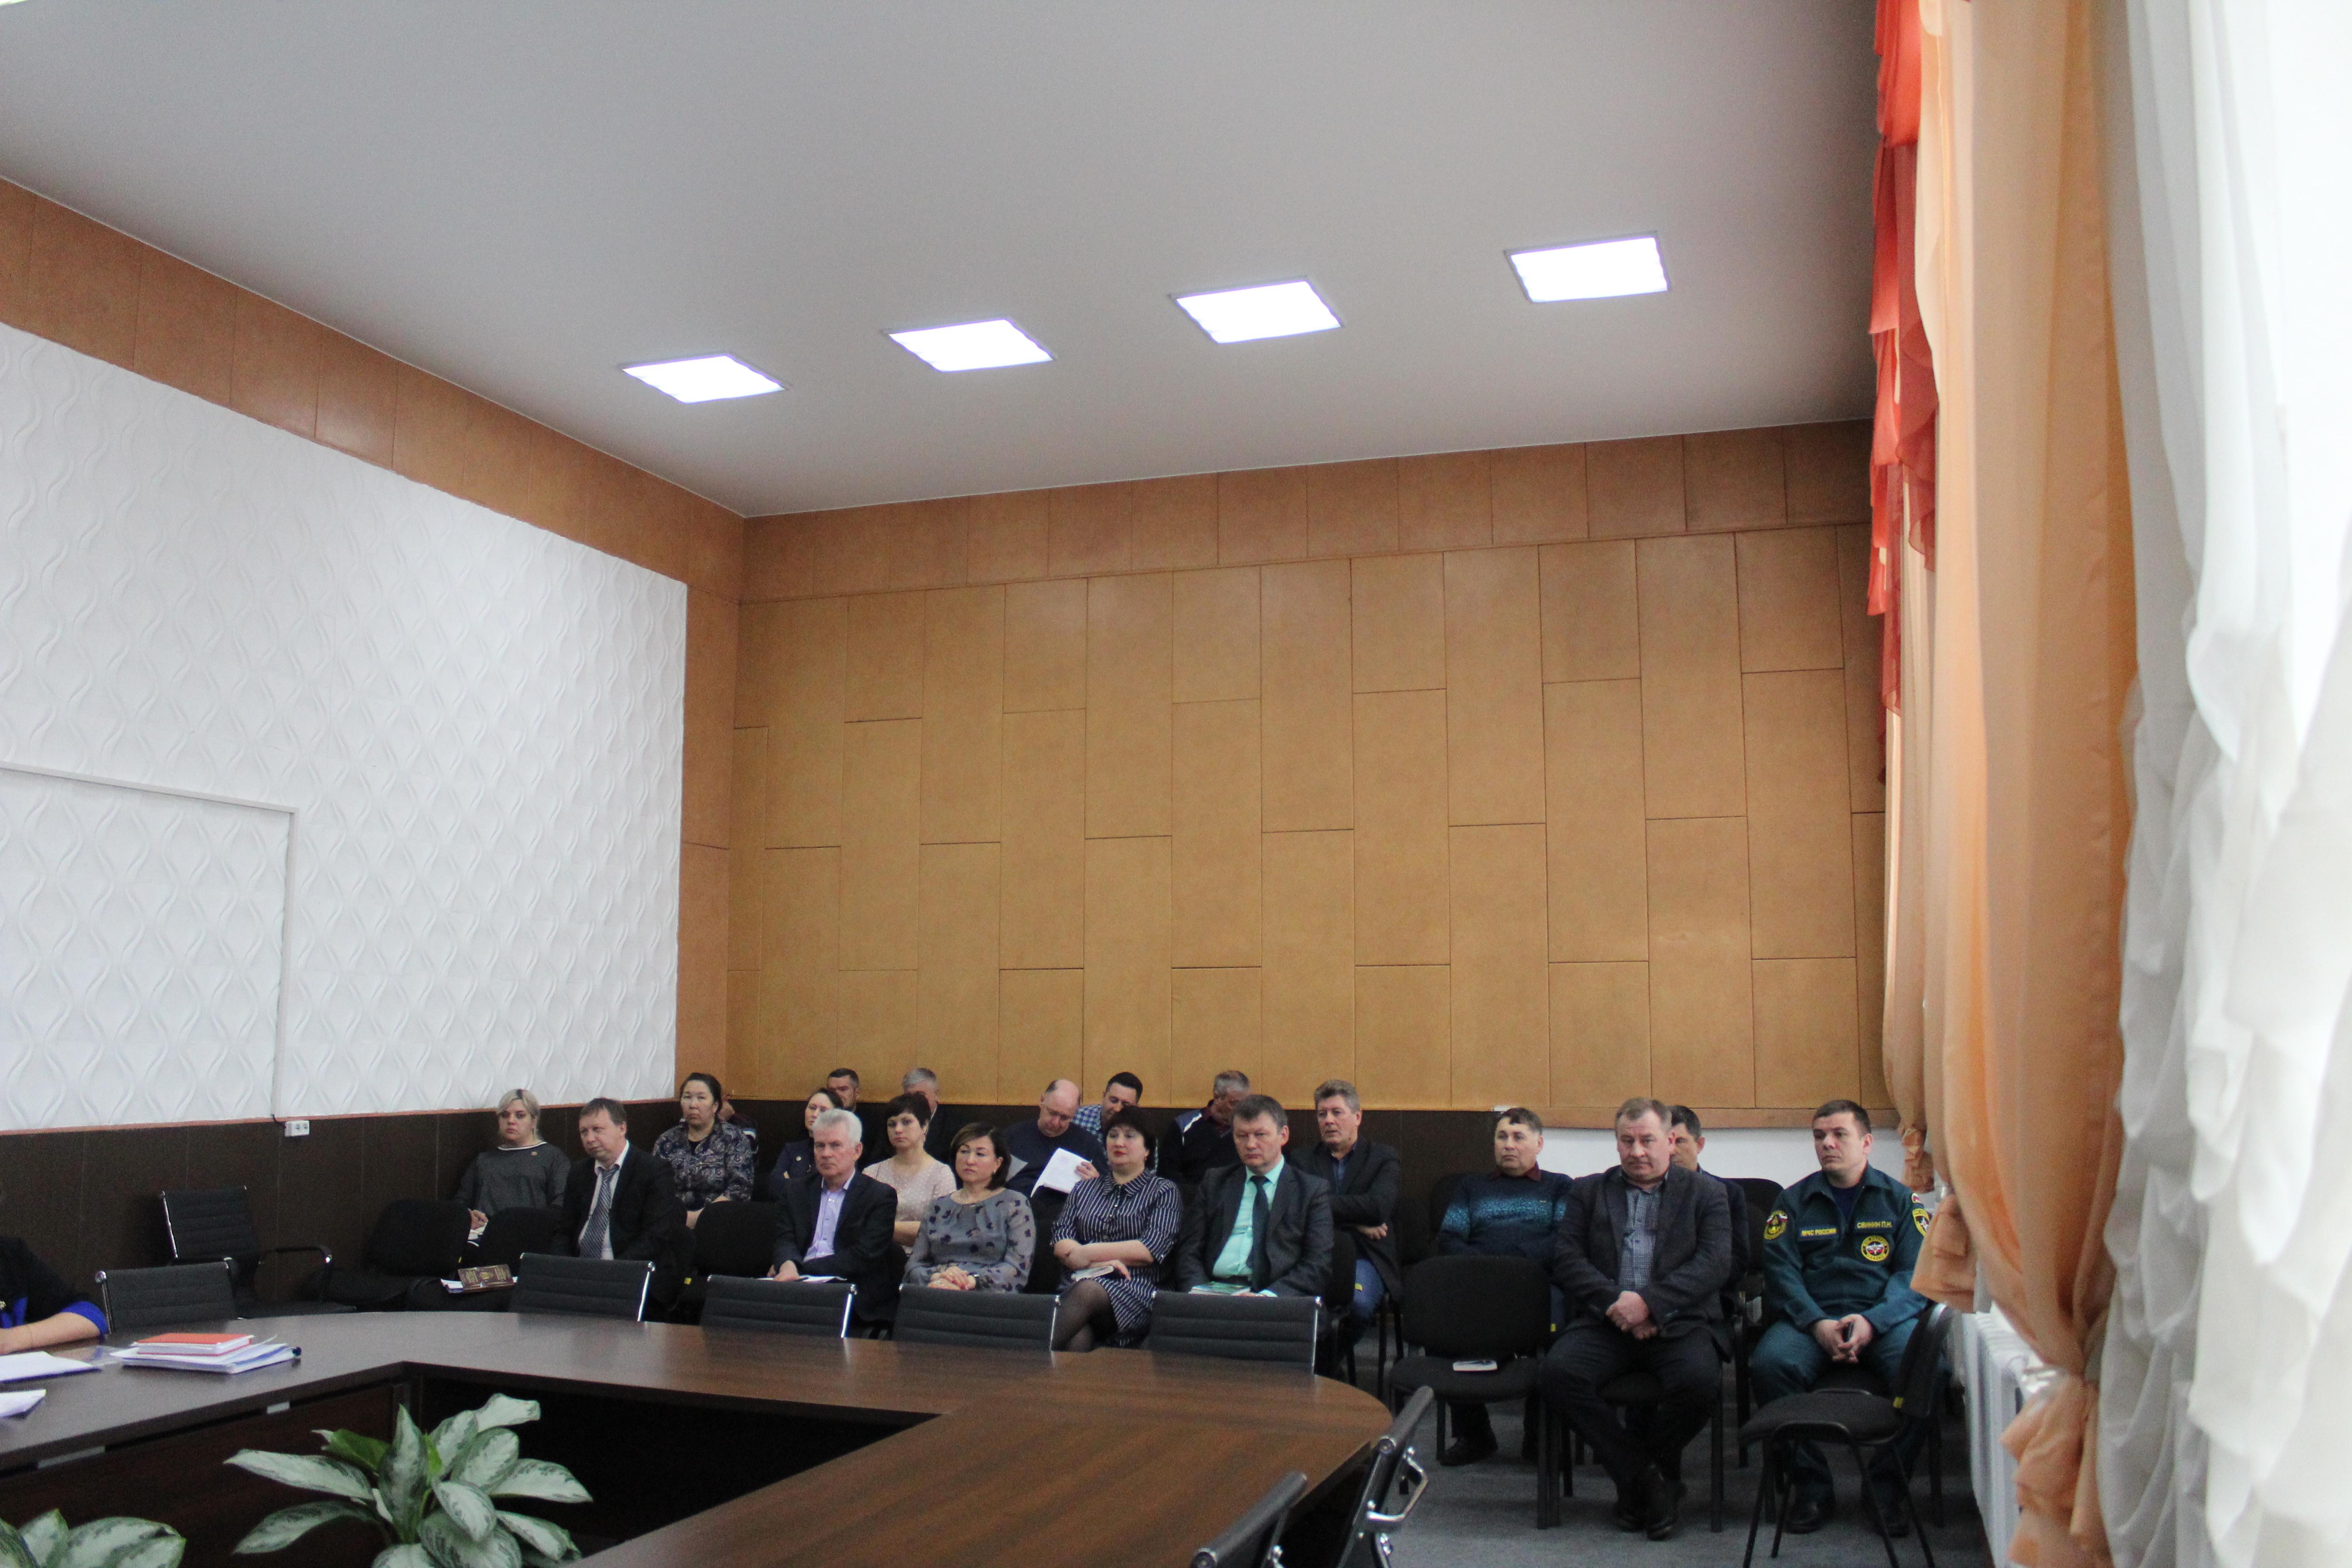 Заседание Комиссии по предупреждению и ликвидации чрезвычайных ситуаций и обеспечению пожарной безопасности МО «Качугский район»